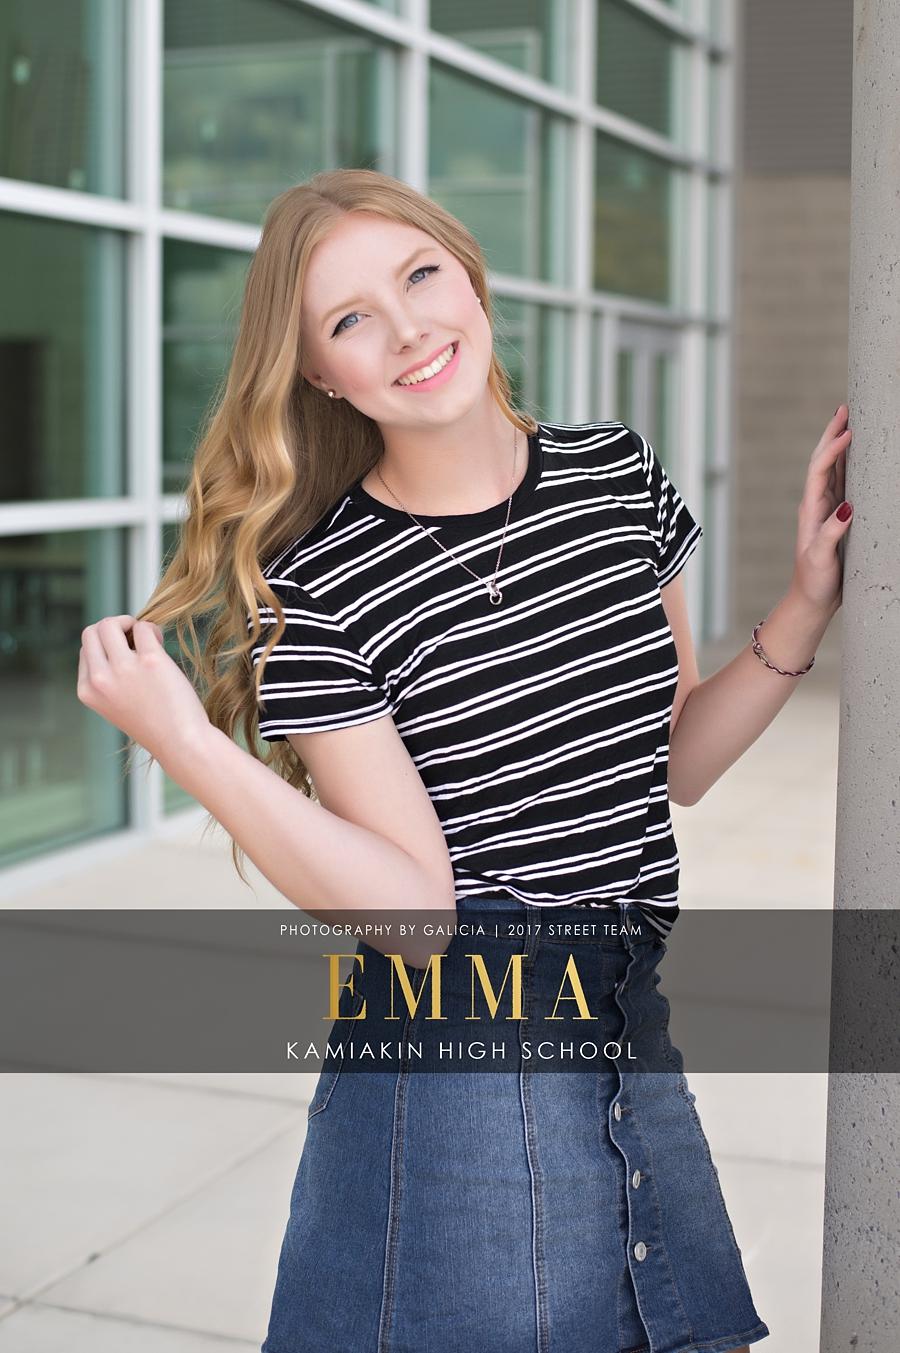 EmmaV.jpg